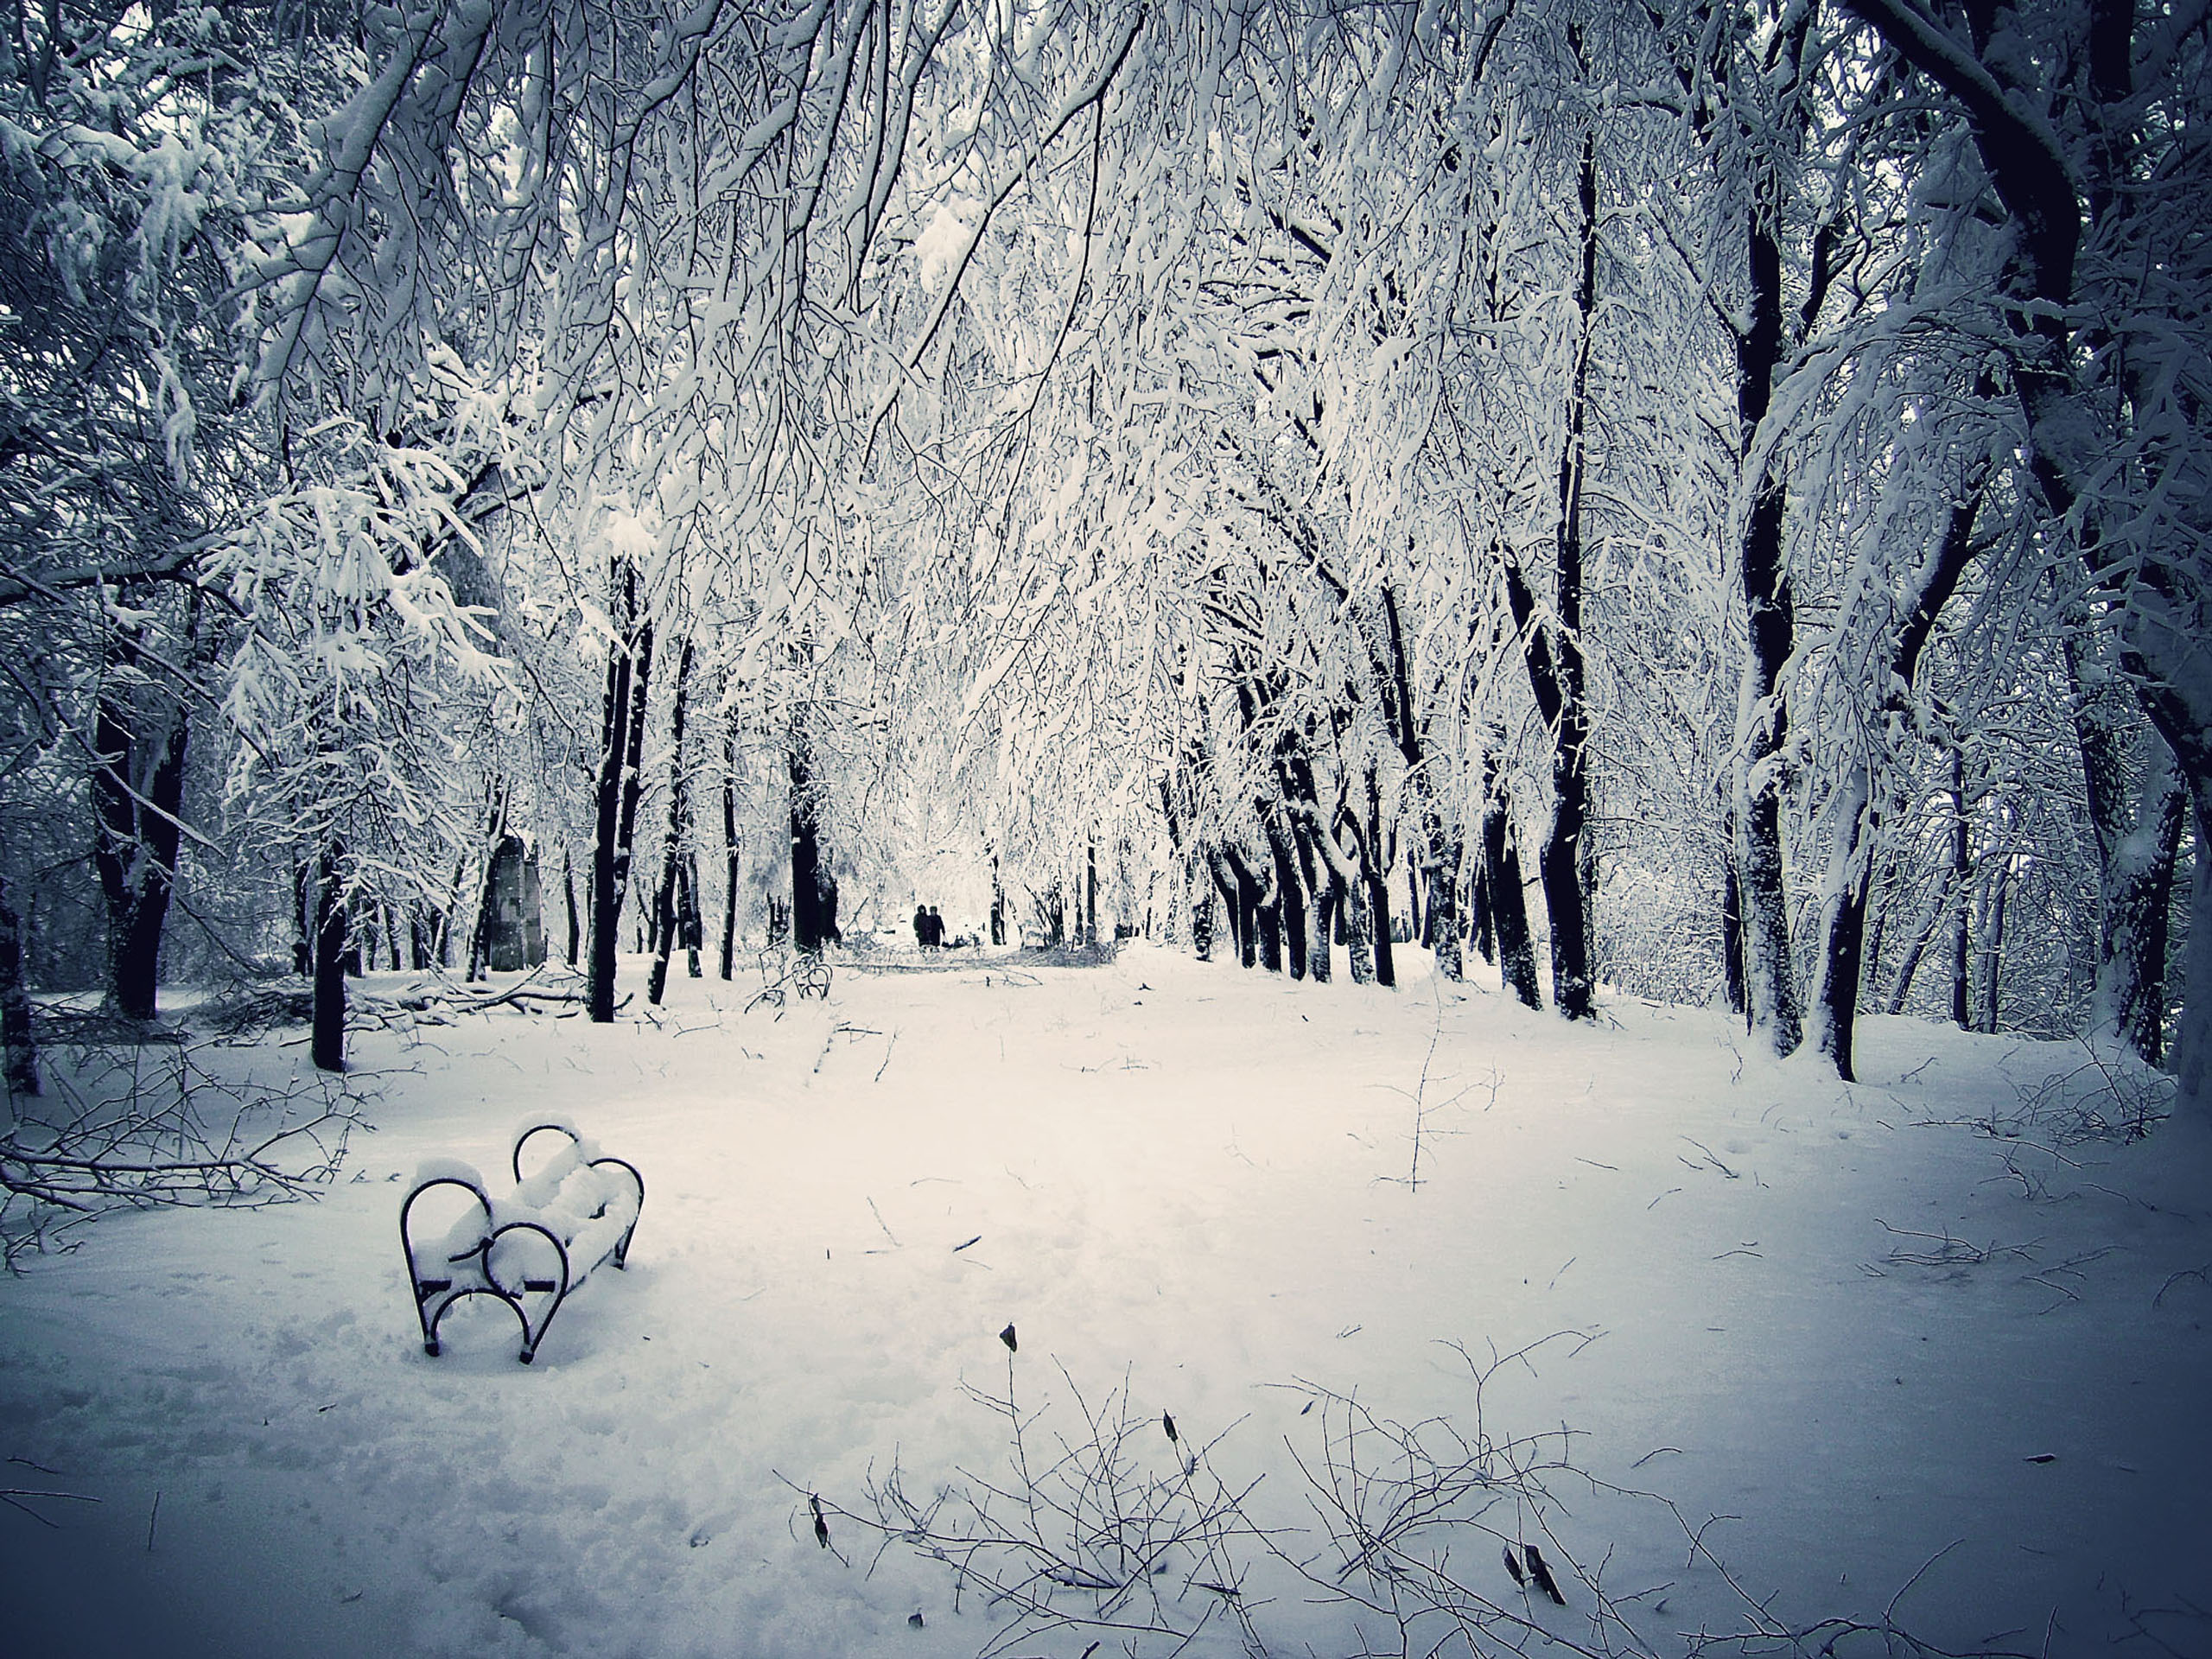 Winter Snow Scenes Vector Download 2560x1920